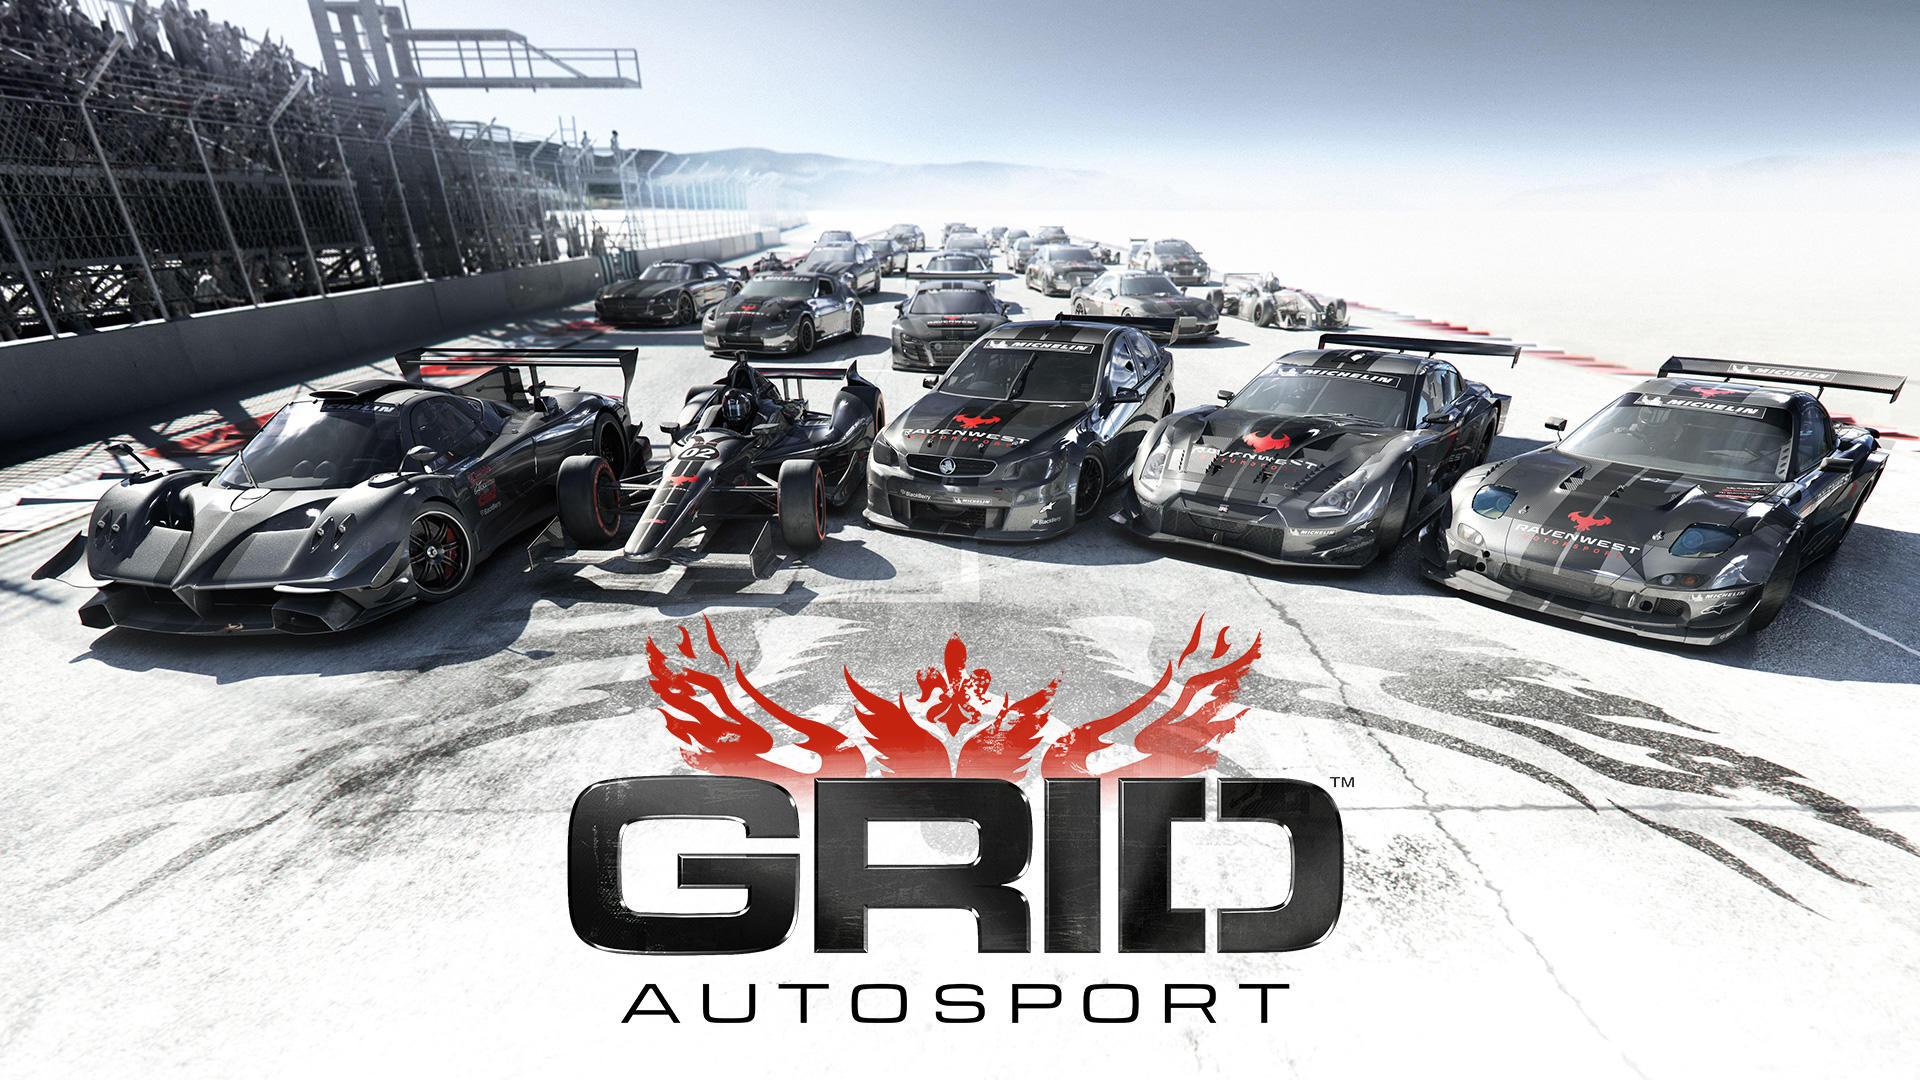 http://geekville.ru/wp-content/uploads/2020/01/1532588481_1478530642_grid-autosport.jpg